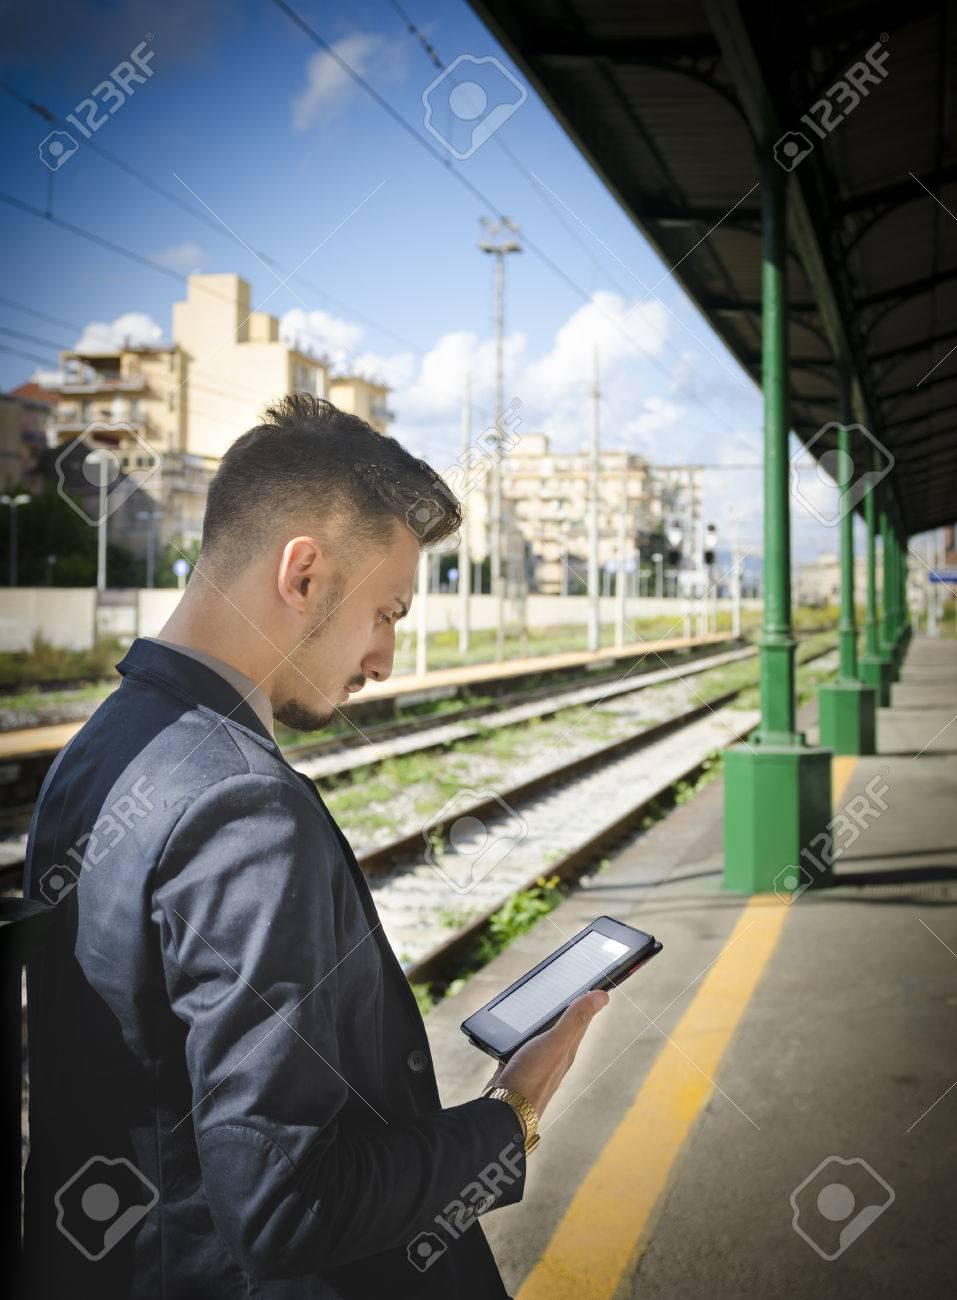 9de5f352ff Archivio Fotografico - Uomo che legge un tablet o ebook in una stazione  ferroviaria, mentre è in attesa per il trasporto pubblico